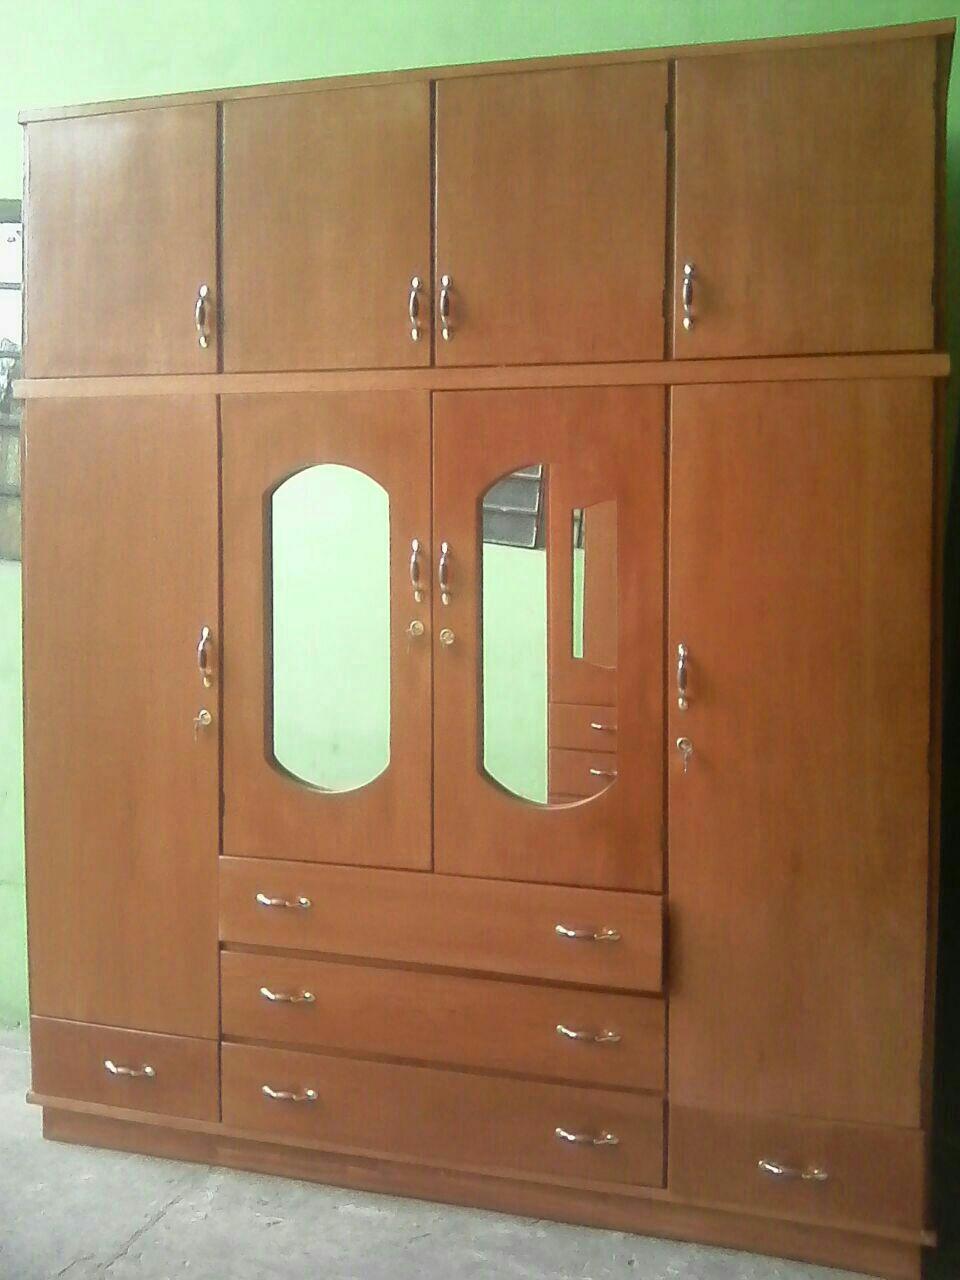 Fotos de puertas de madera cheap recupera las puertas de for Imagenes de puertas de madera